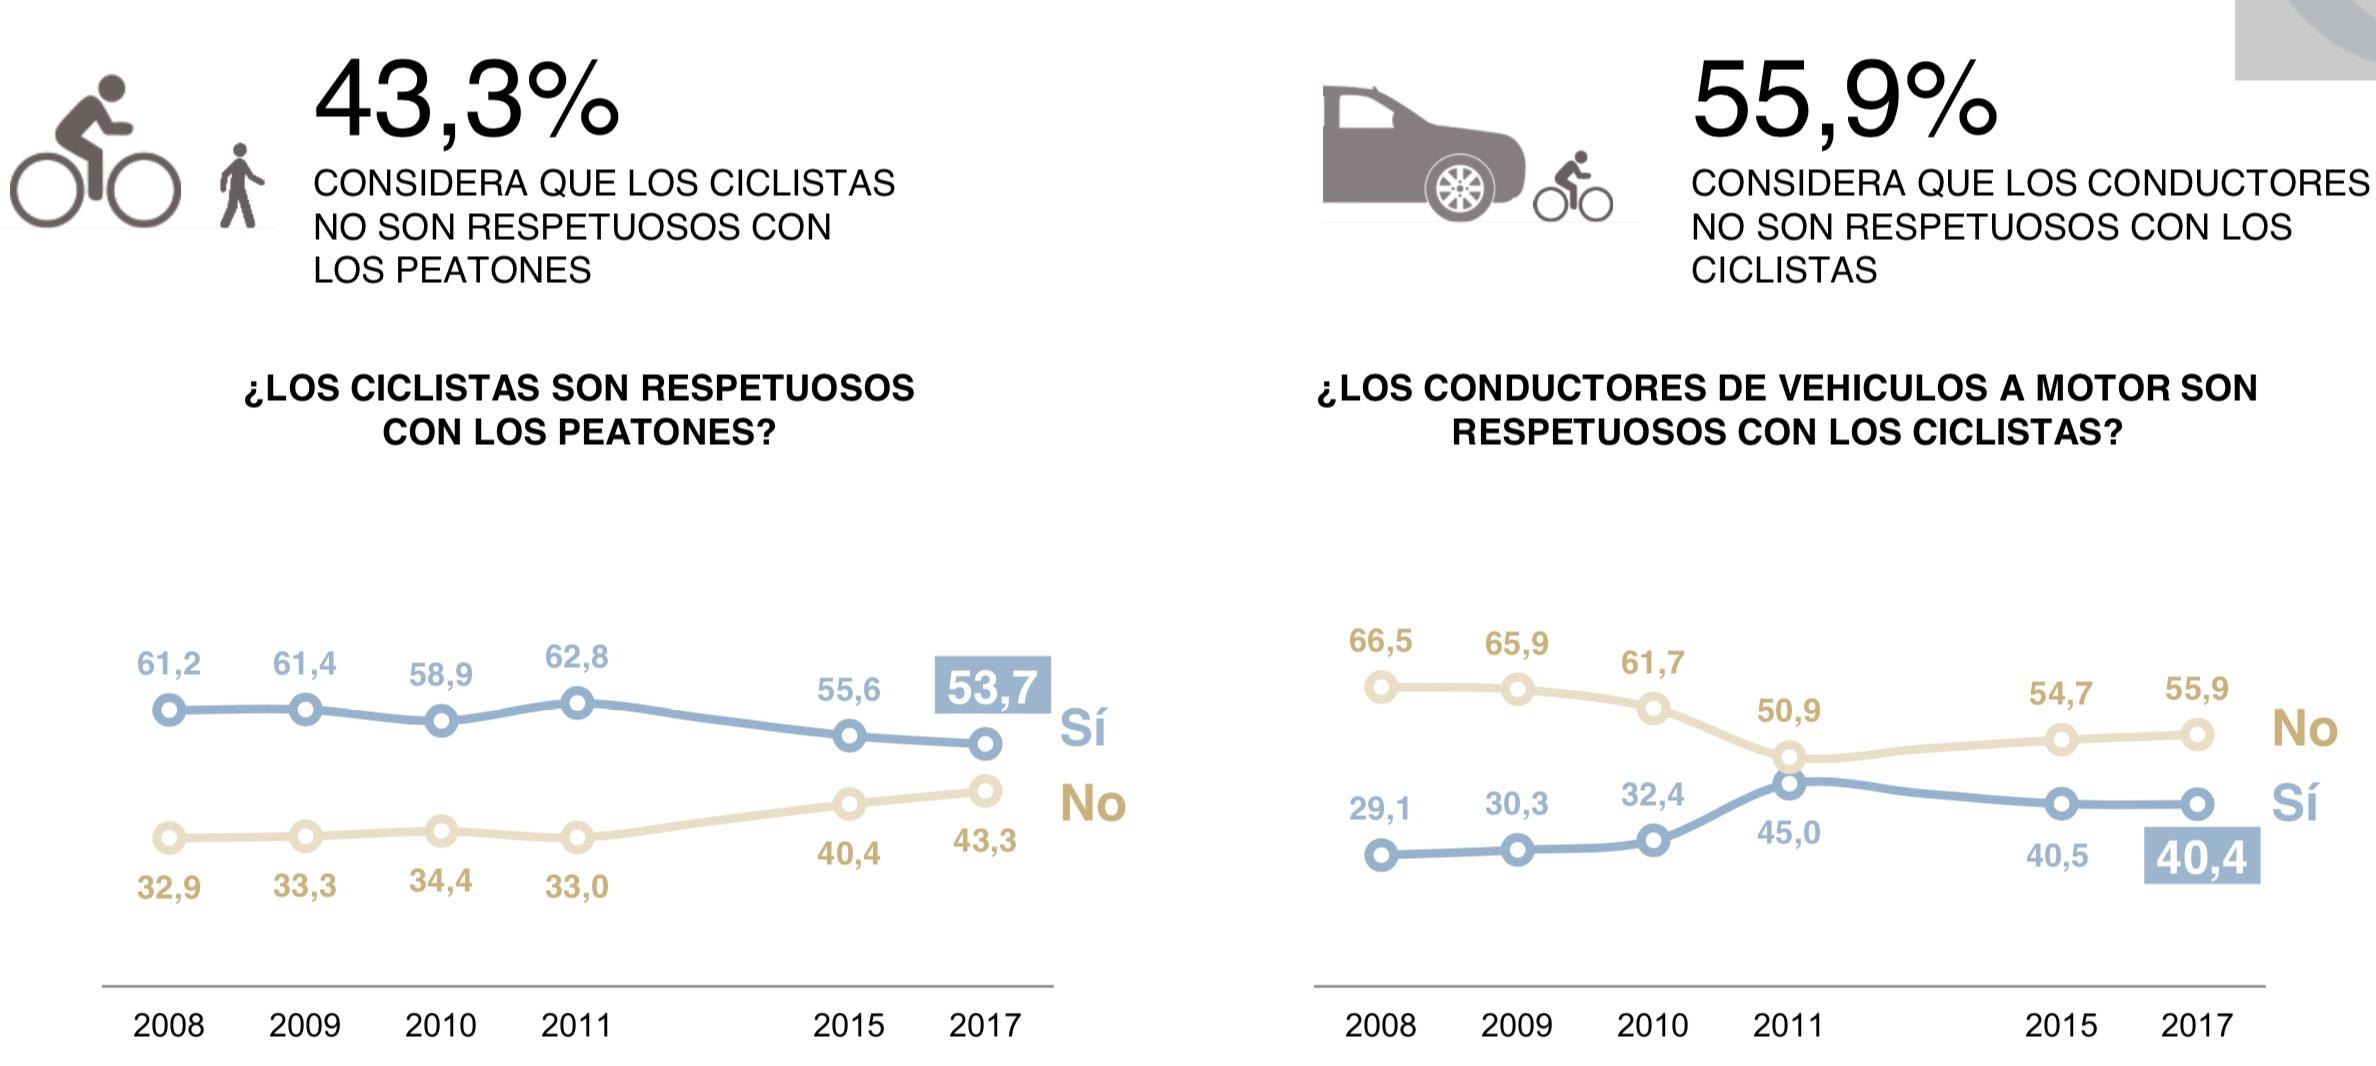 Estadística de percepción de respeto entre modalidades de movilidad. Aumenta el respeto de ciclistas a peatones, disminuye el de coches a ciclistas